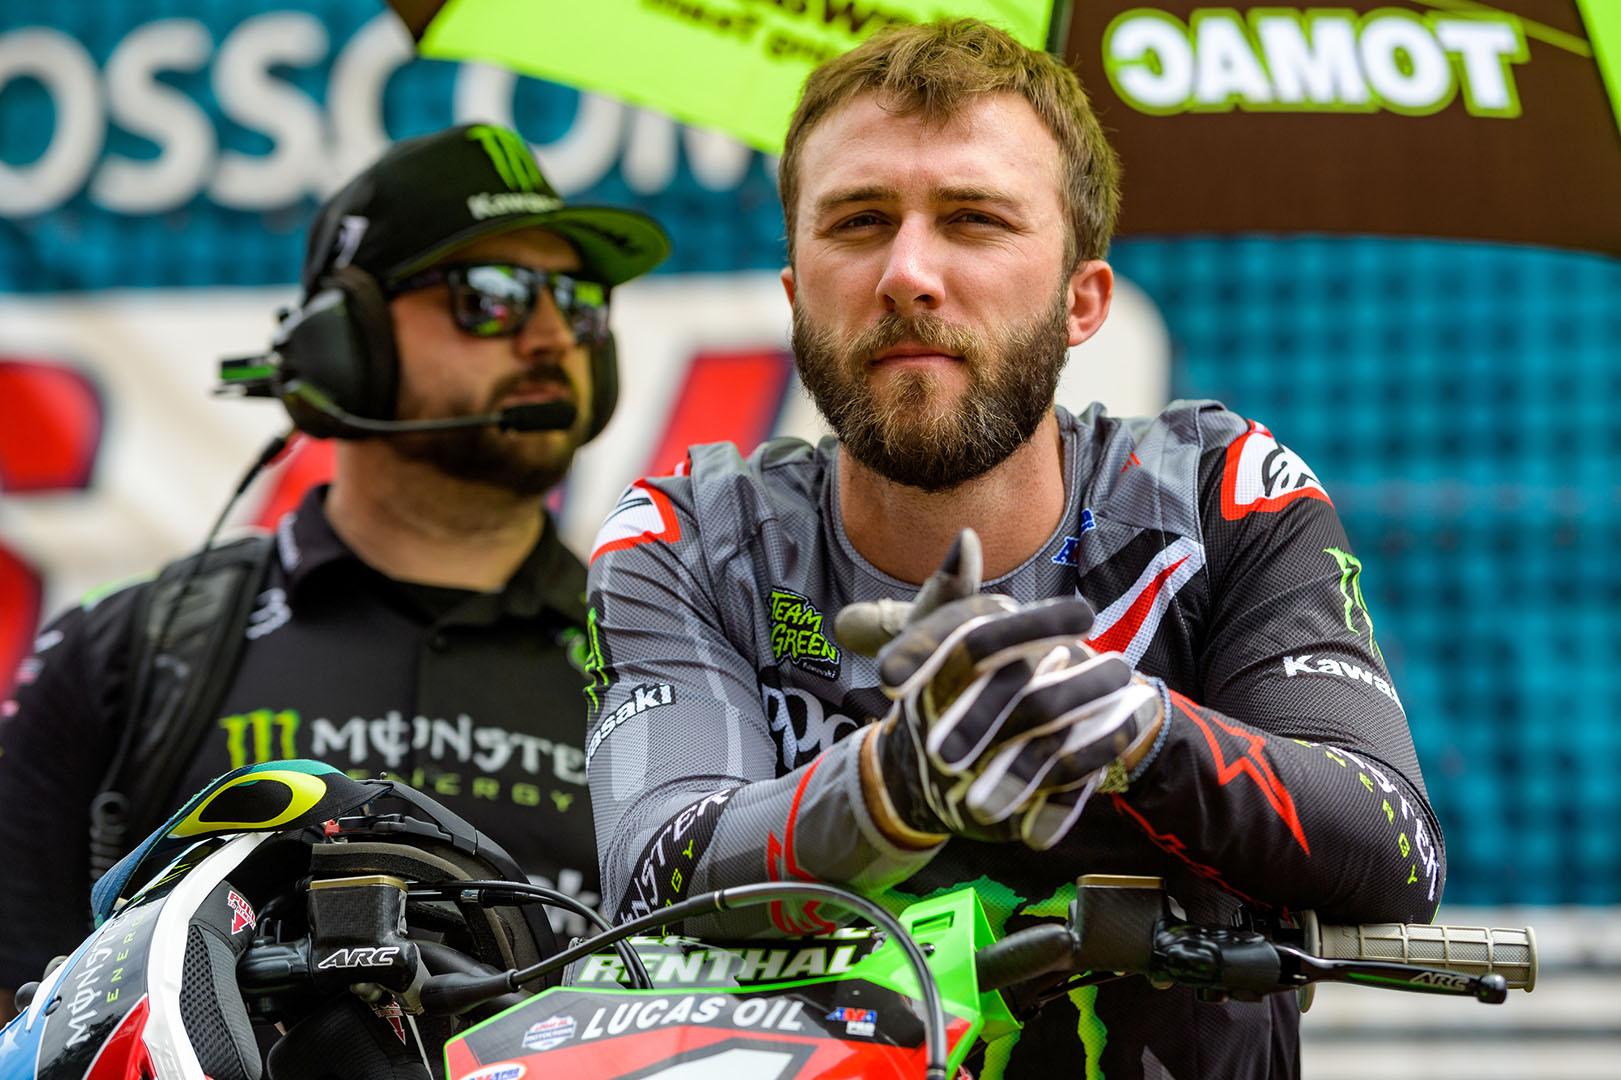 2020 Monster Energy Kawasaki Team